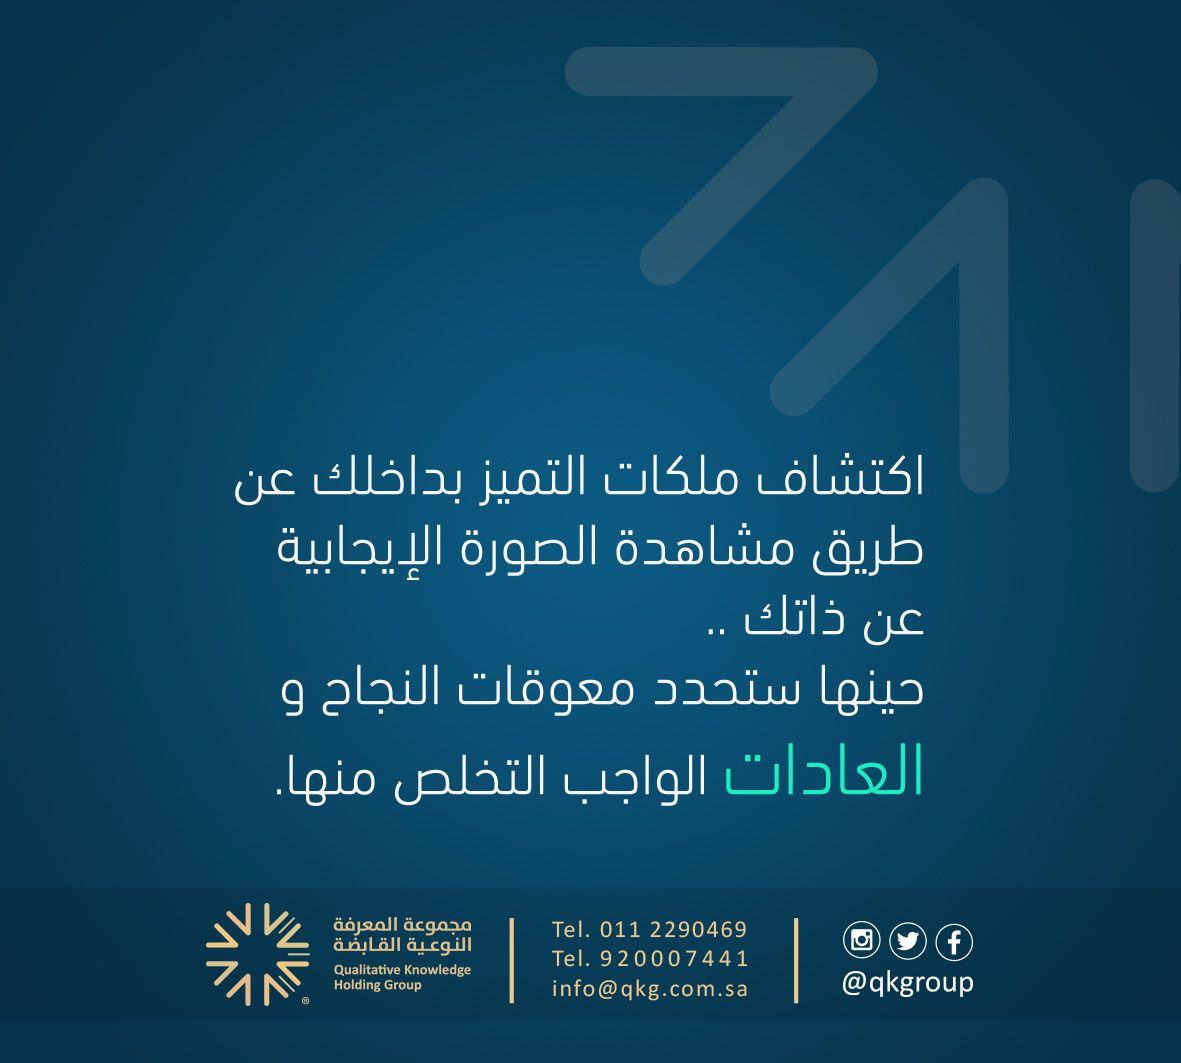 كيفية طباعة عقد تأسيس الشركات بالسعودية وزارة التجارة تجيب سعودية نيوز